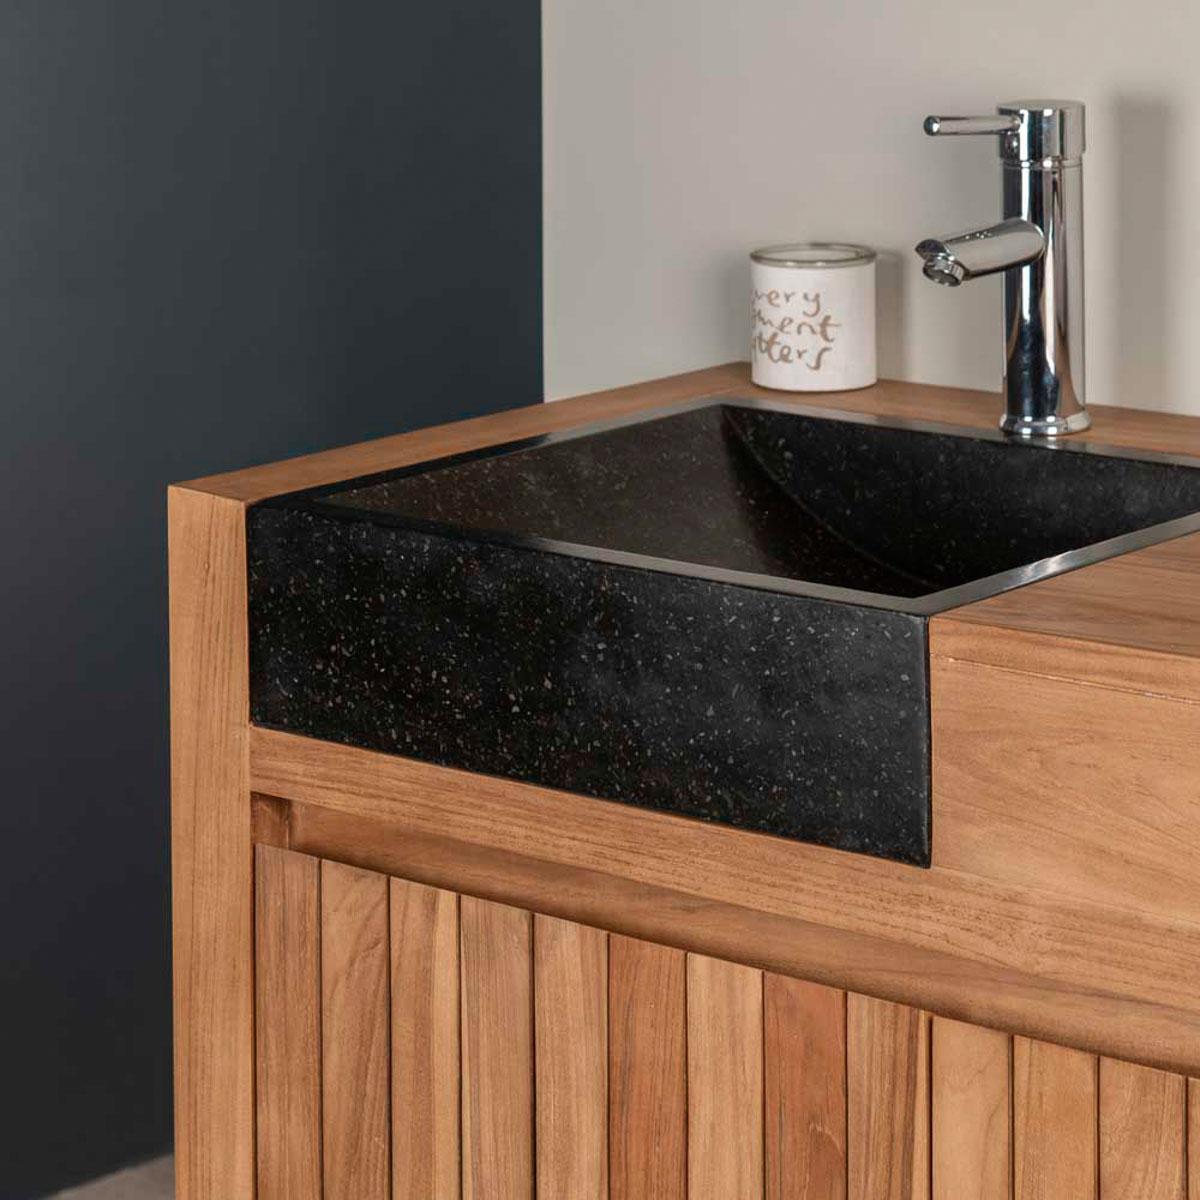 Mueble de teca lavabos para cuarto de ba o lujo 140 negro - Muebles de bano de lujo ...